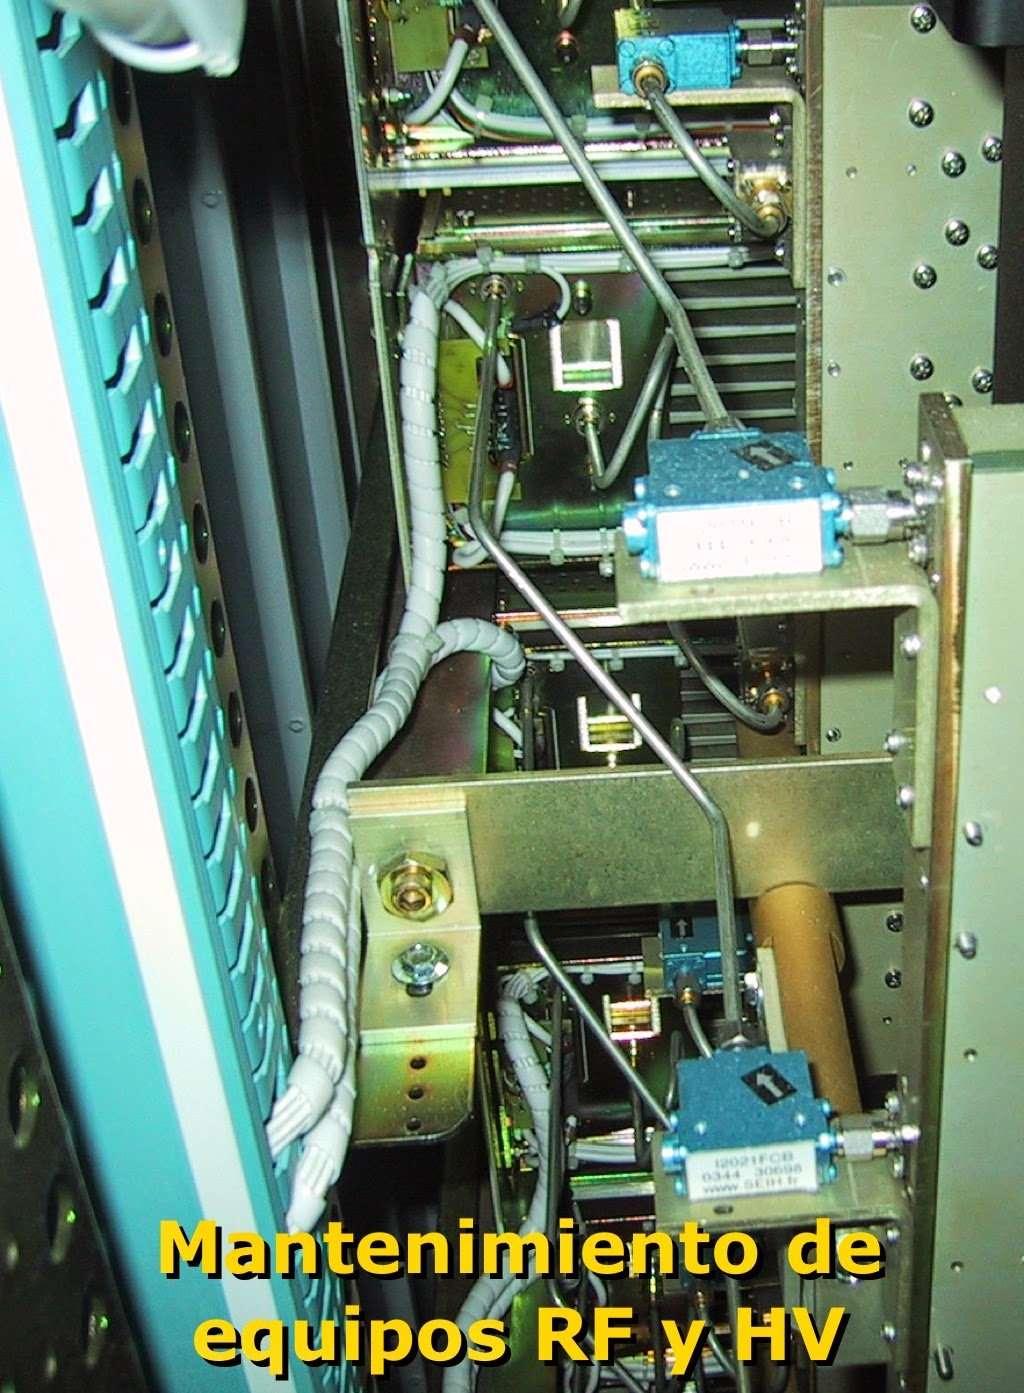 mantenimiento-de-equipos-de-rf-medicos-juan-luis-martel